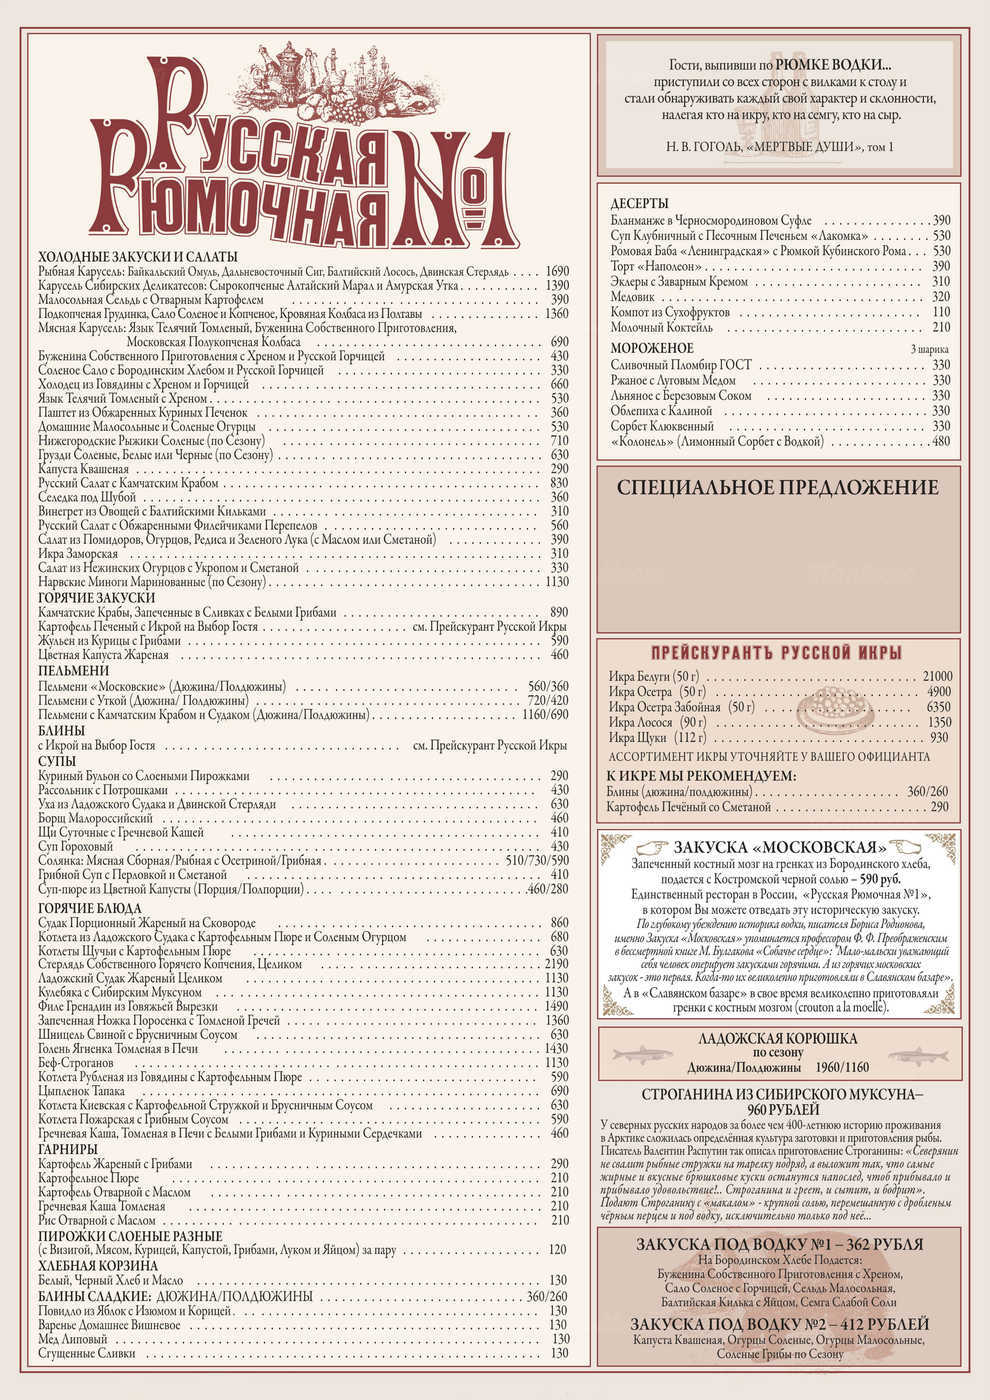 Меню ресторана Русская рюмочная №1 на Конногвардейском бульваре фото 2